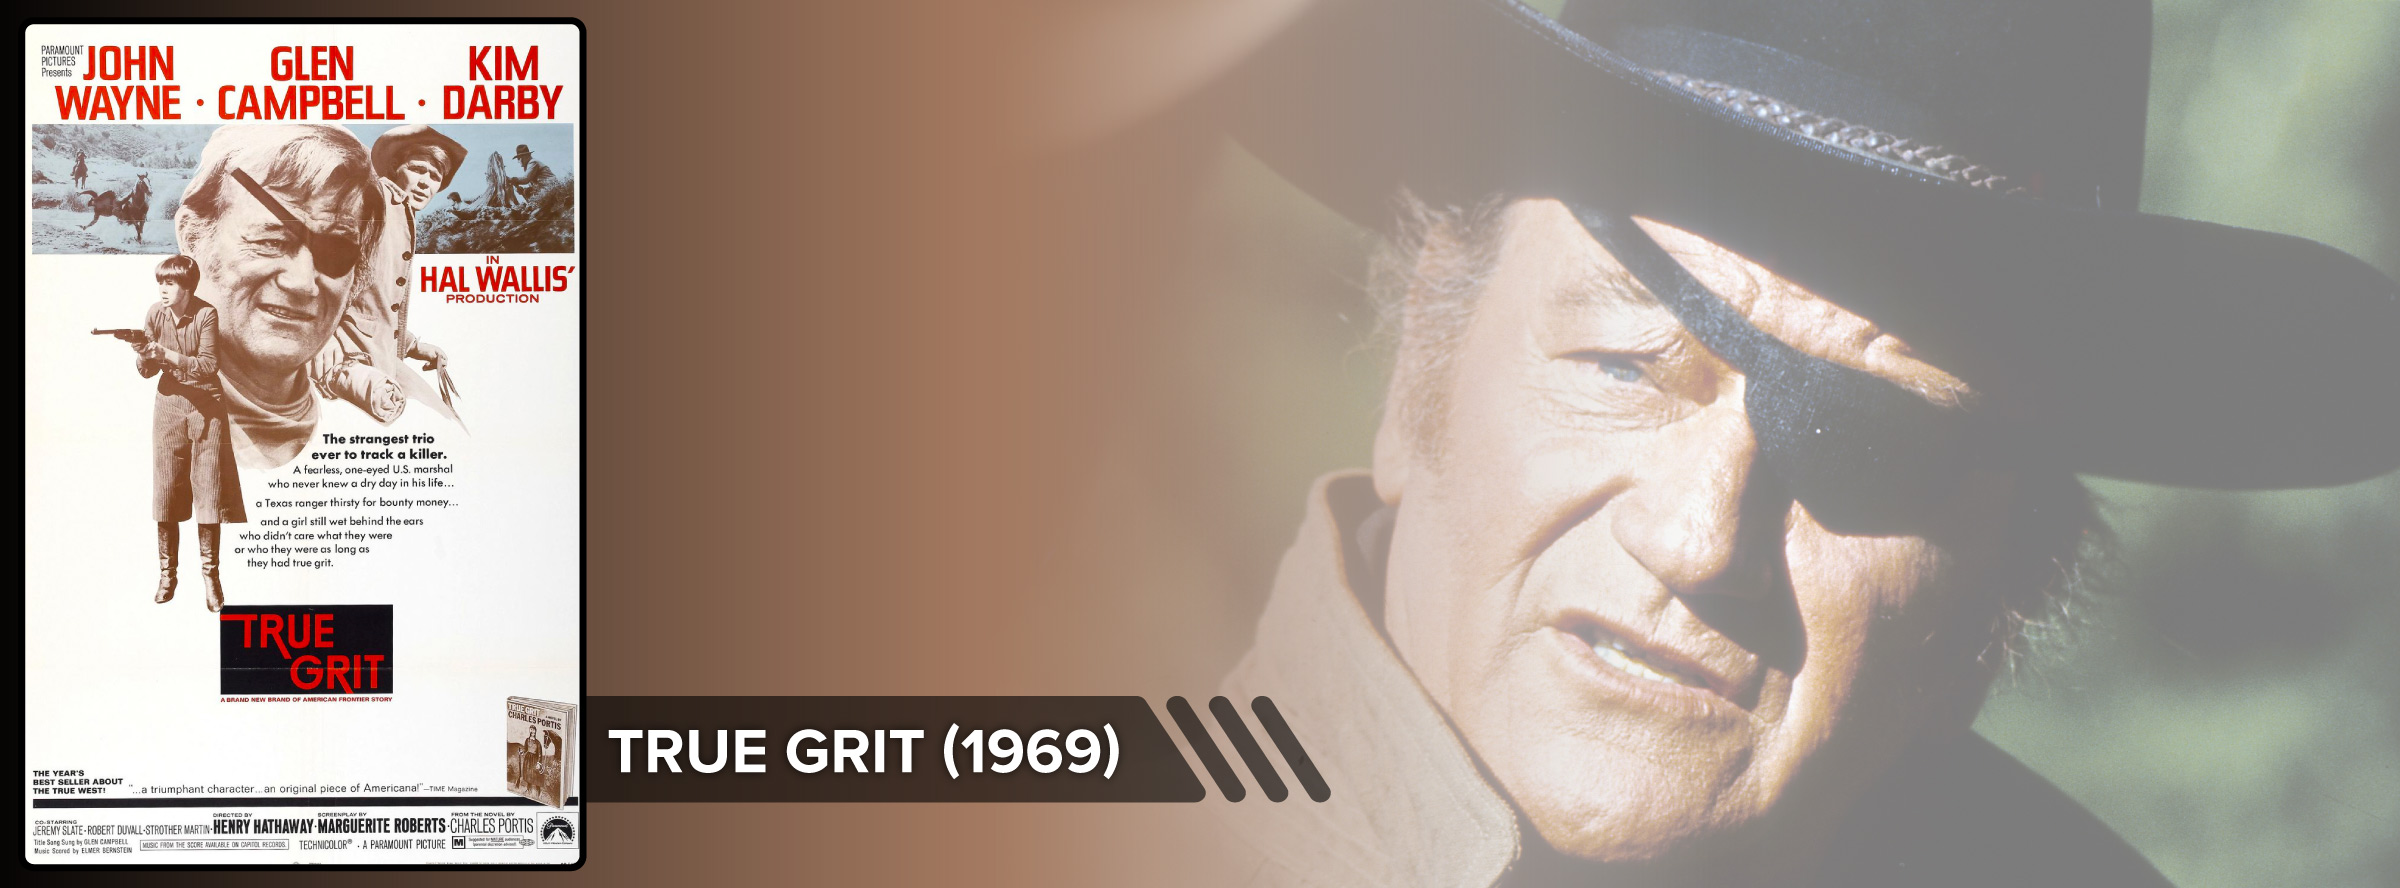 Slider Image for True Grit (1969)